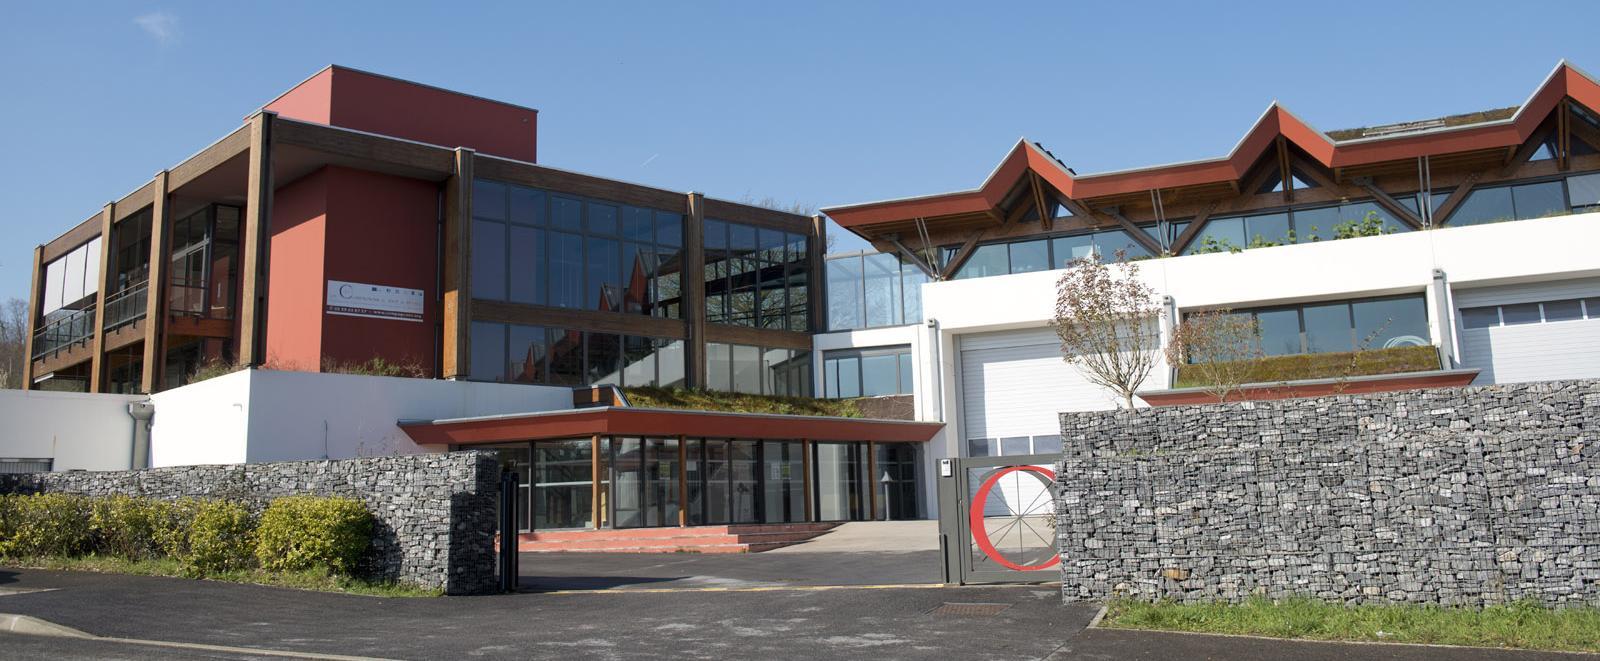 Arkinova - Fédération Compagnonnique des Métiers du Bâtiment